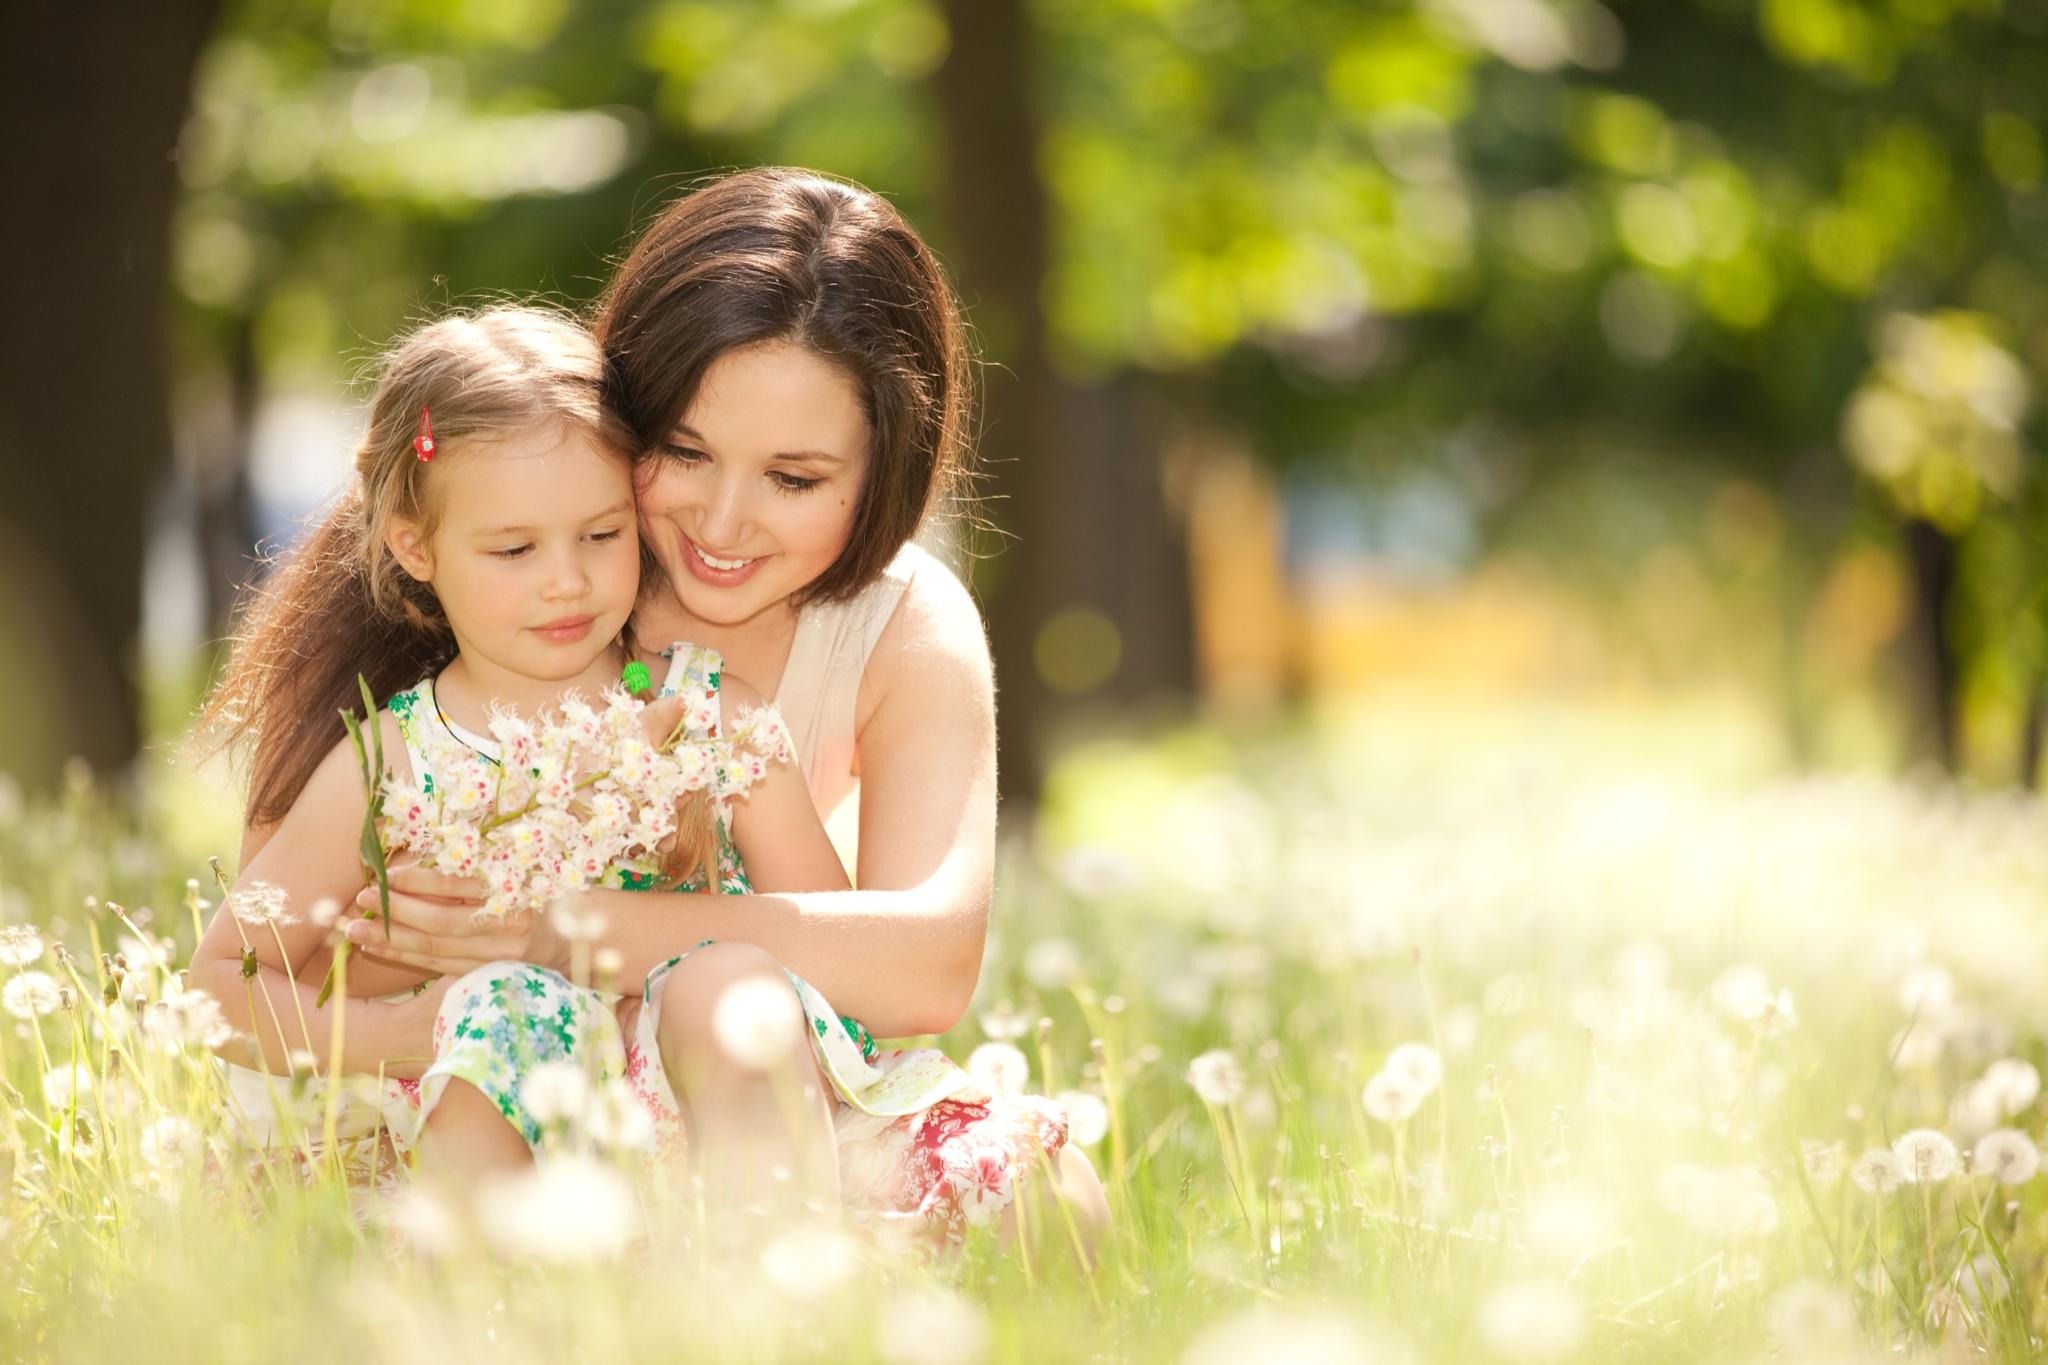 Одиноких и многодетных матерей, воспитывающих несовершеннолетних детей, приглашают на мероприятие по трудоустройству